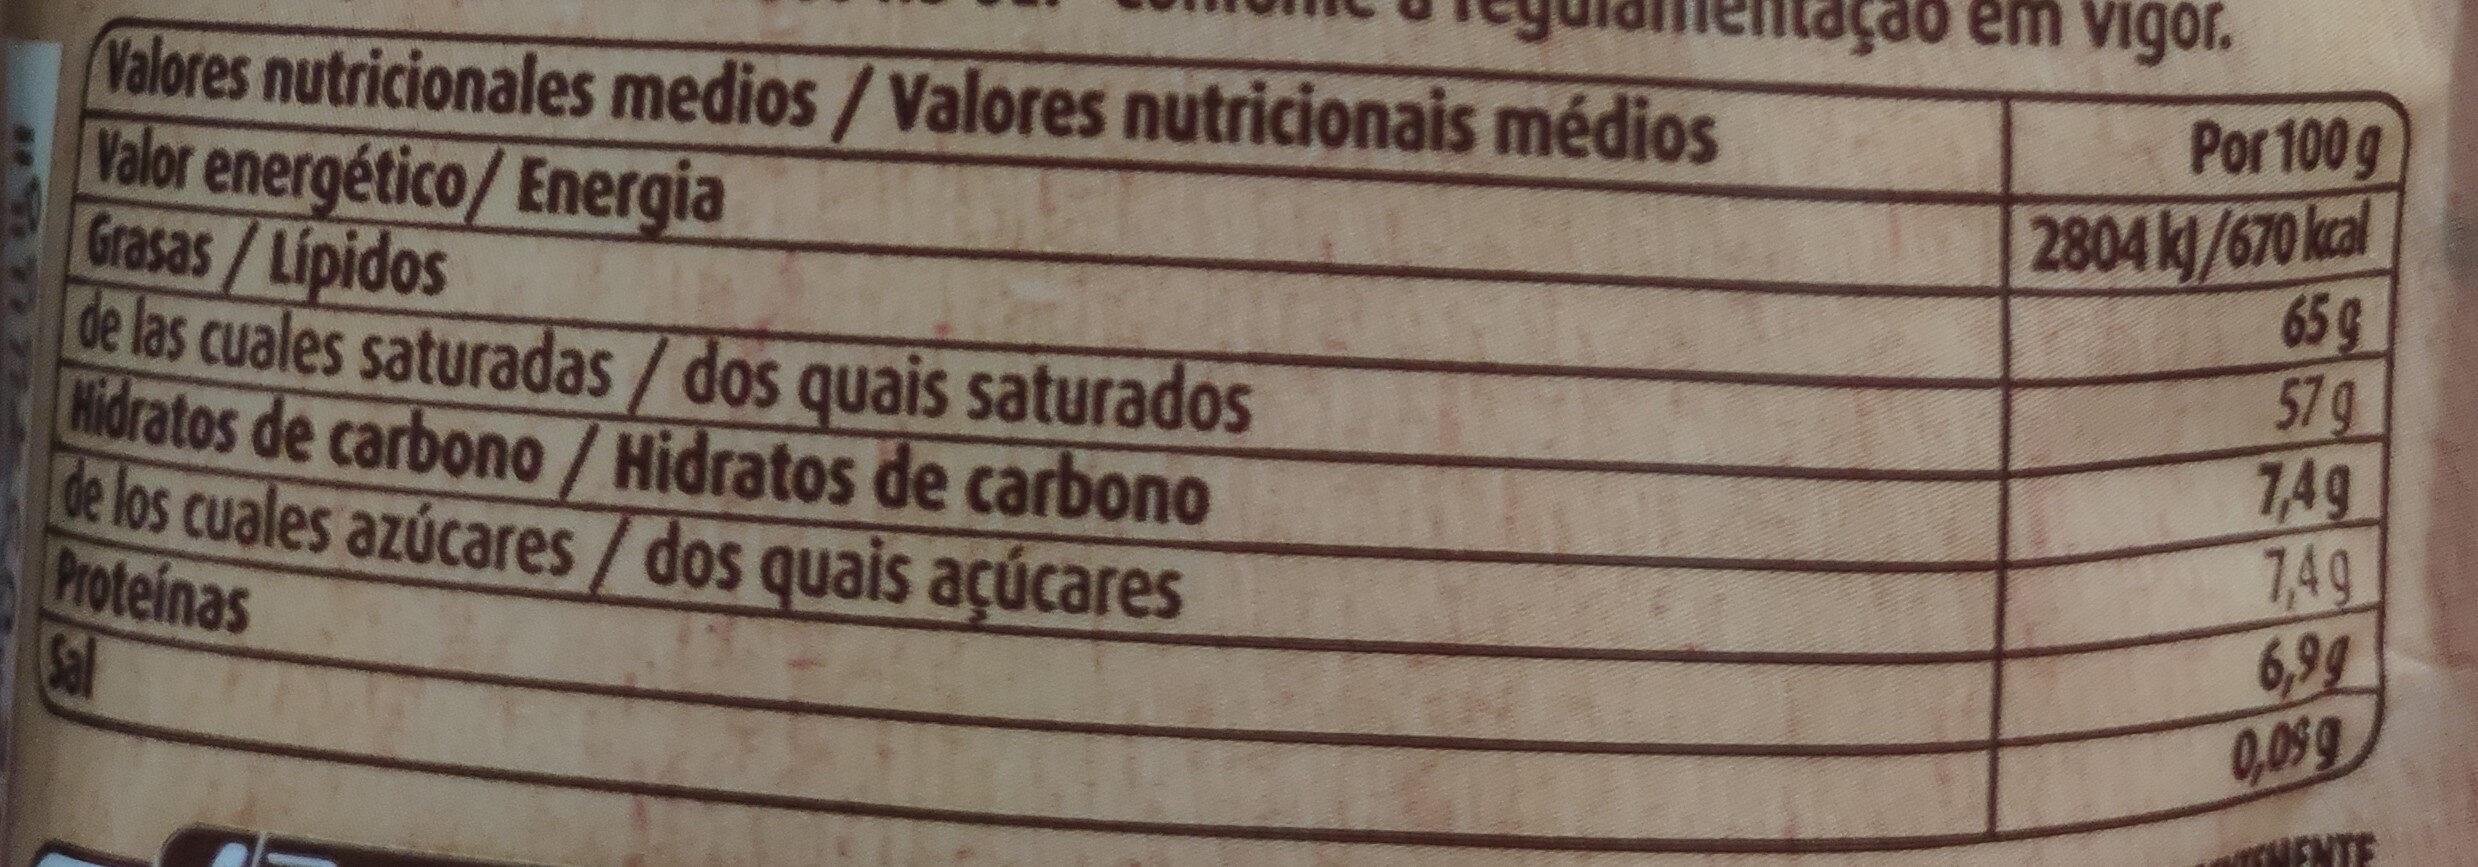 Coco rallado - Informations nutritionnelles - es